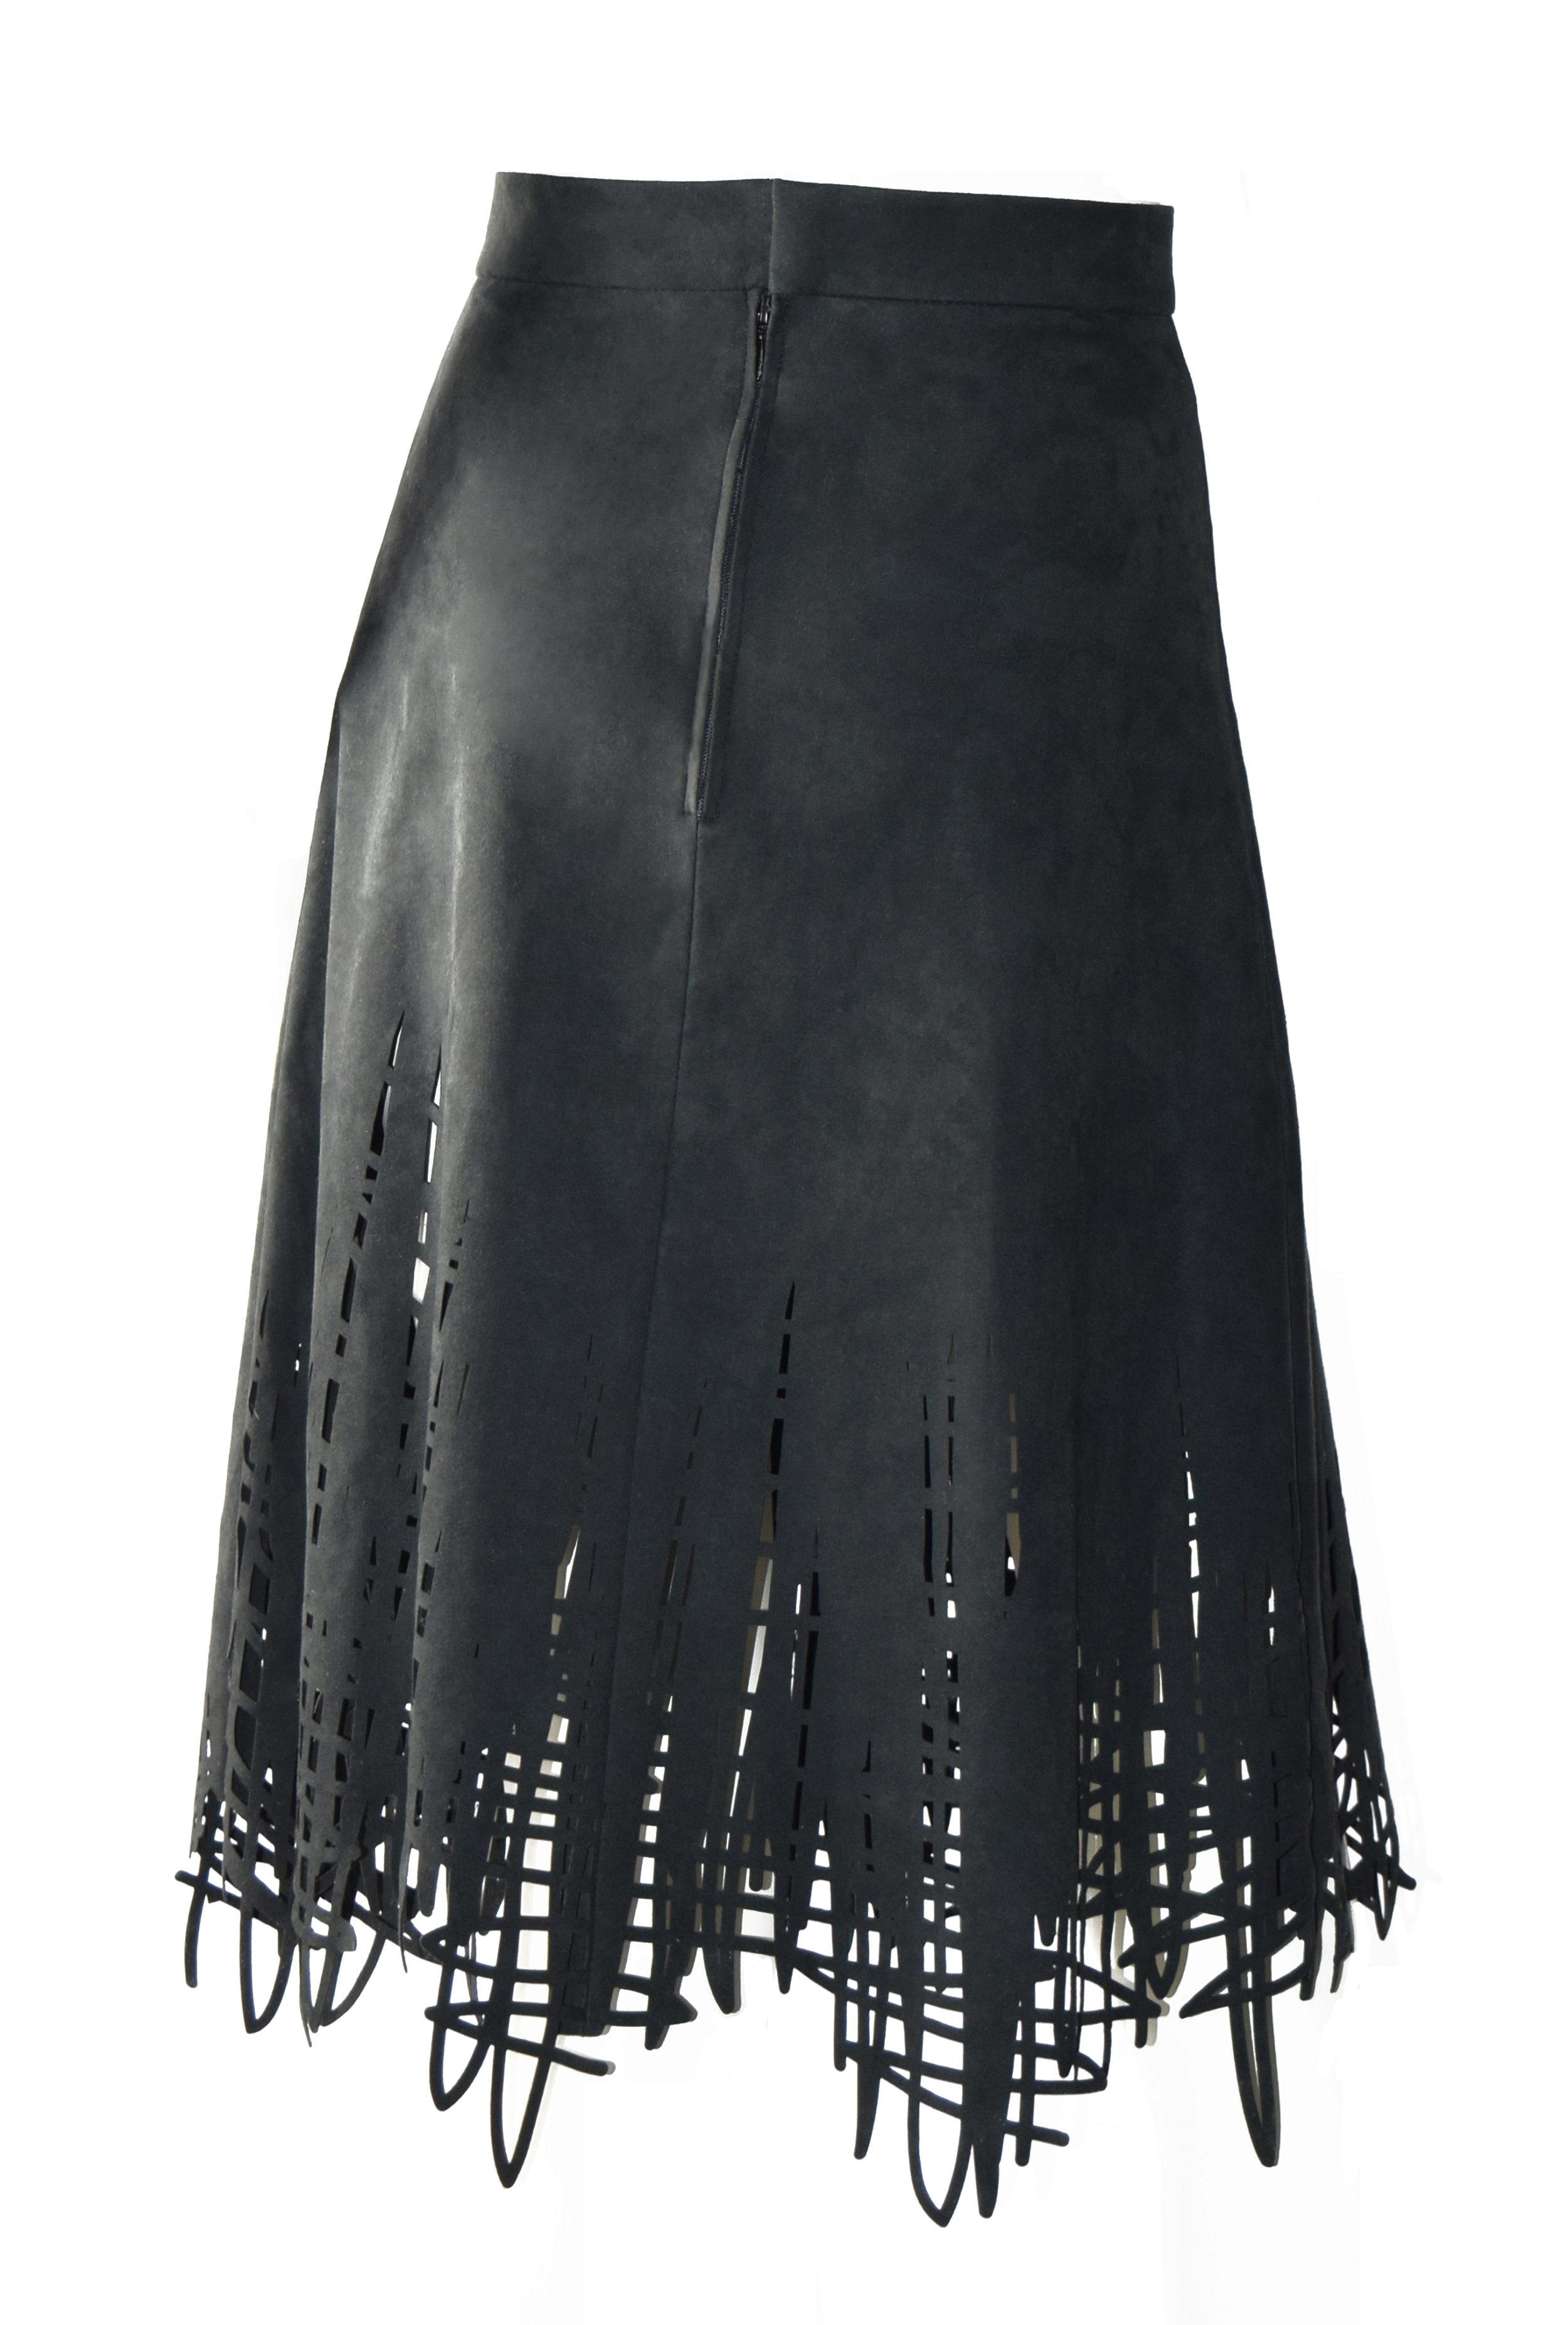 Skirt_Suede_Black2.jpg